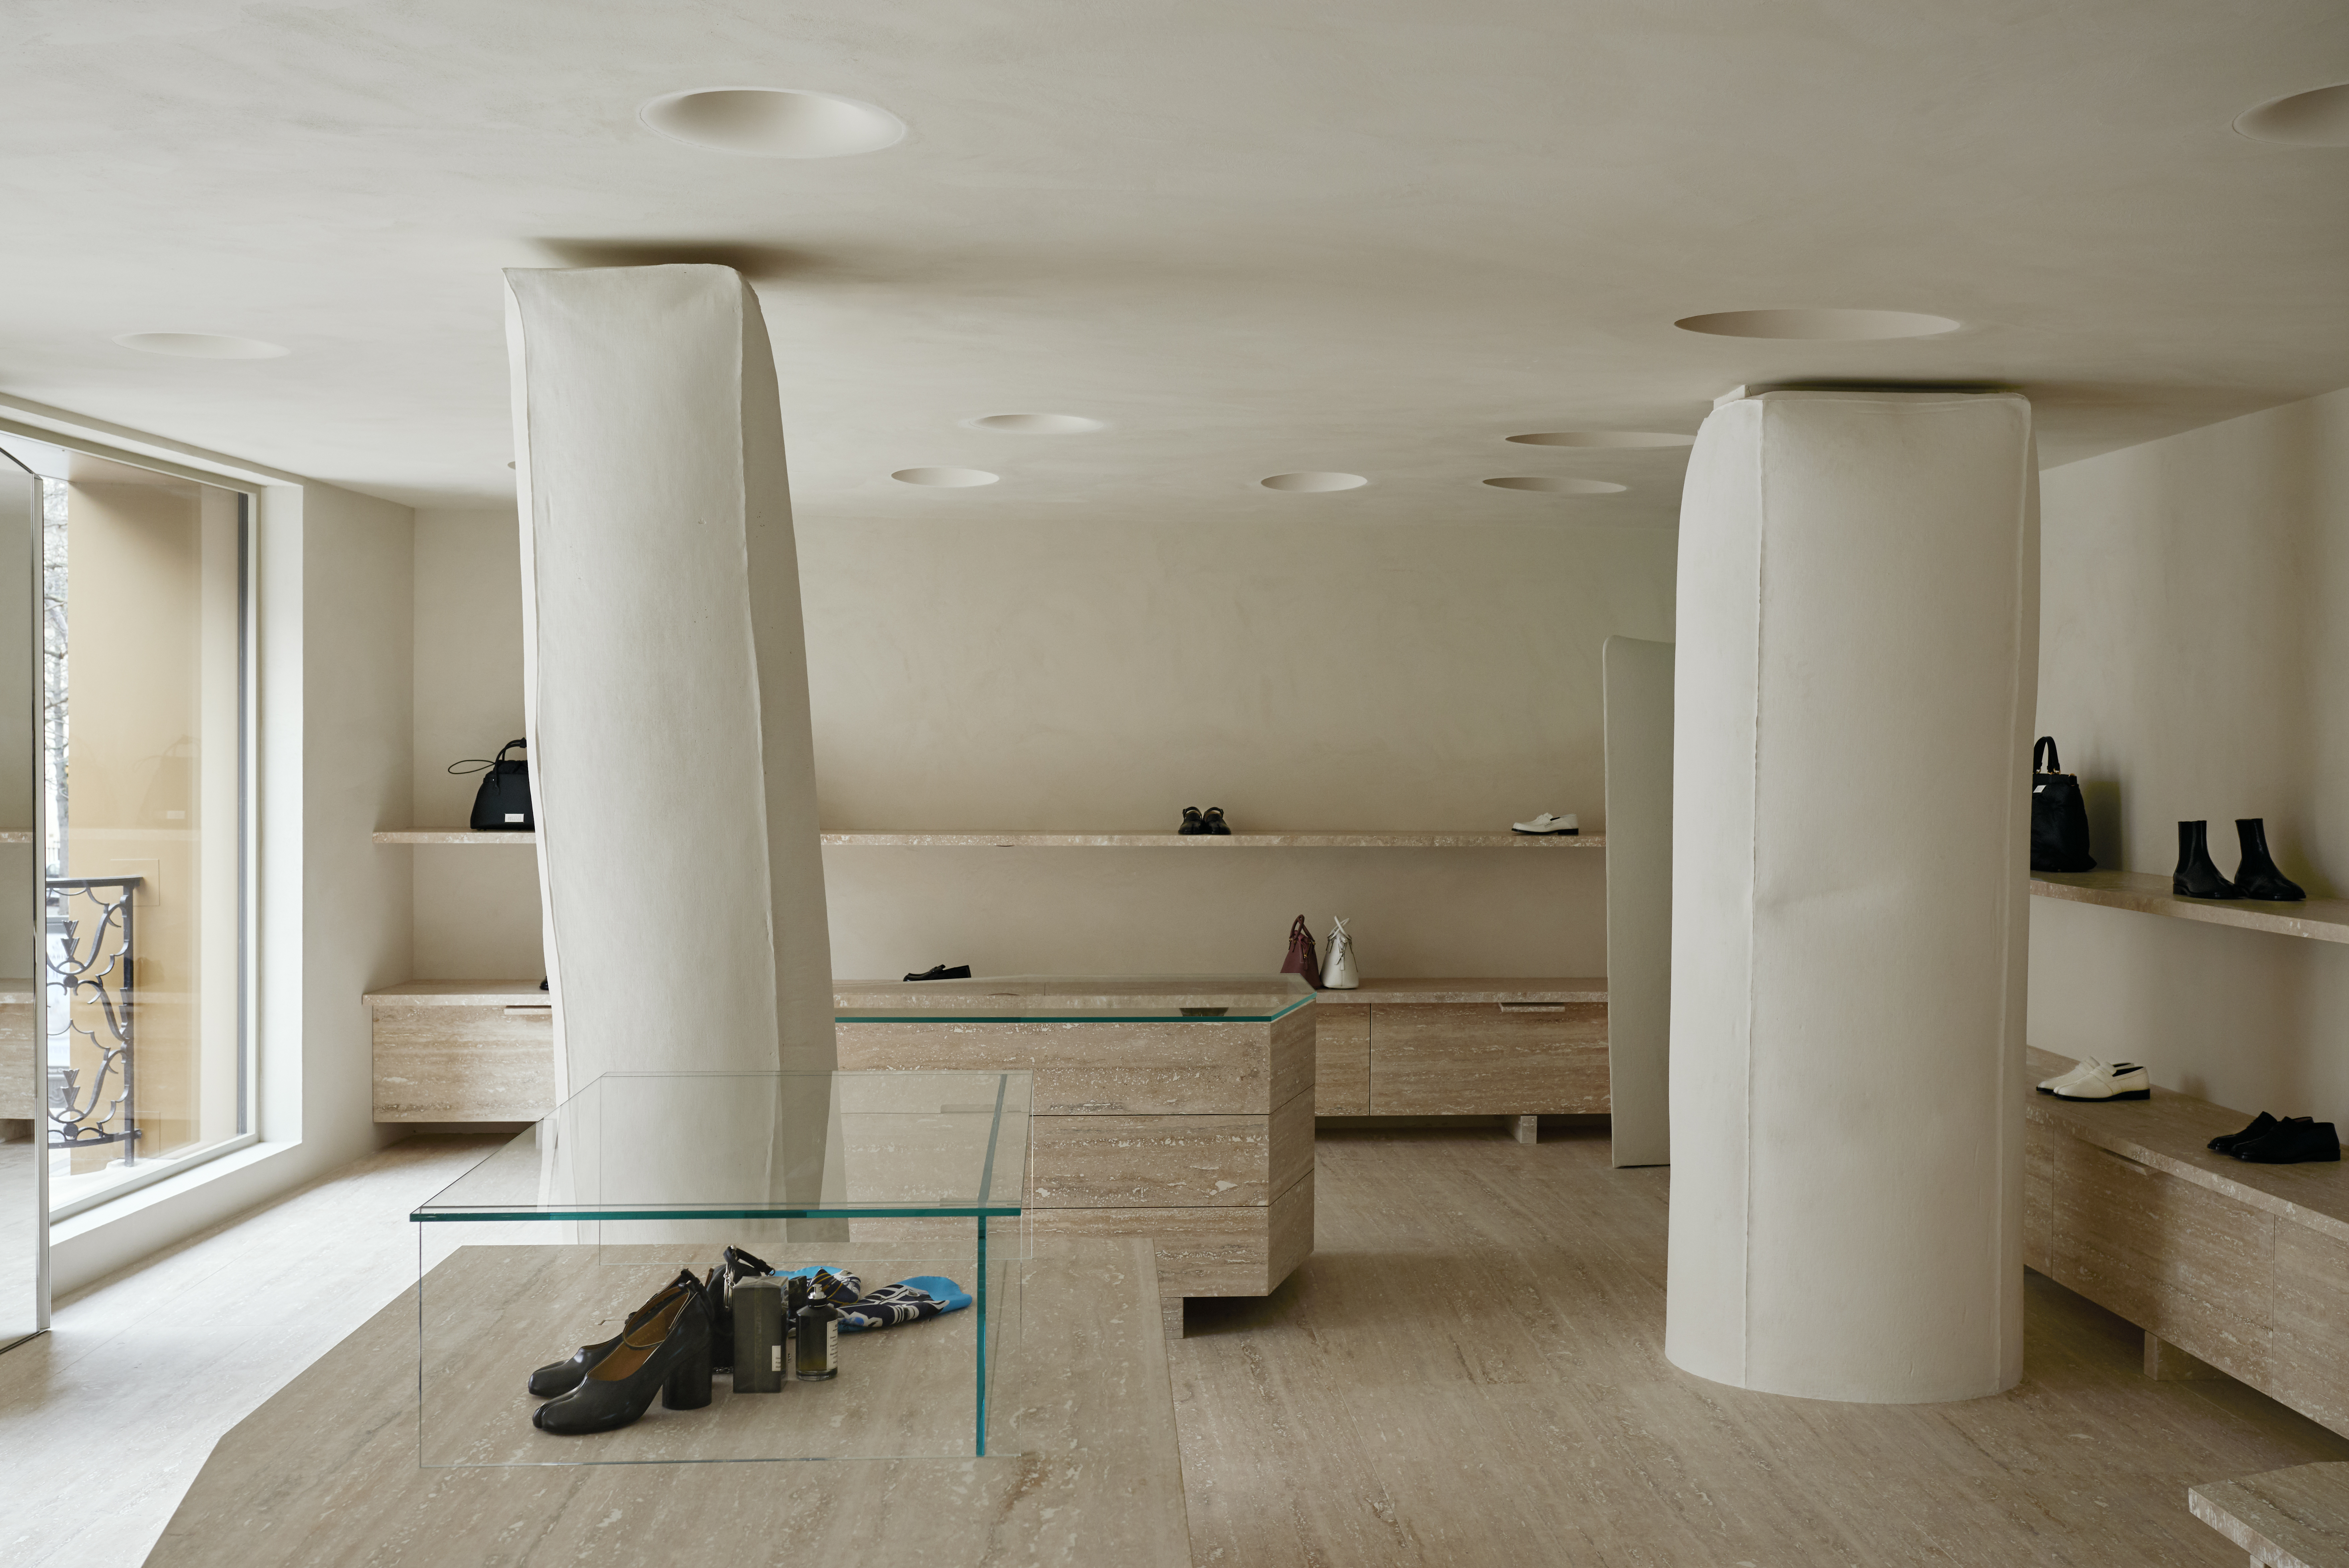 Maison Margiela has opened a new flagship boutique at 33, Avenue Montaigne in Paris's 8th arrondissement.